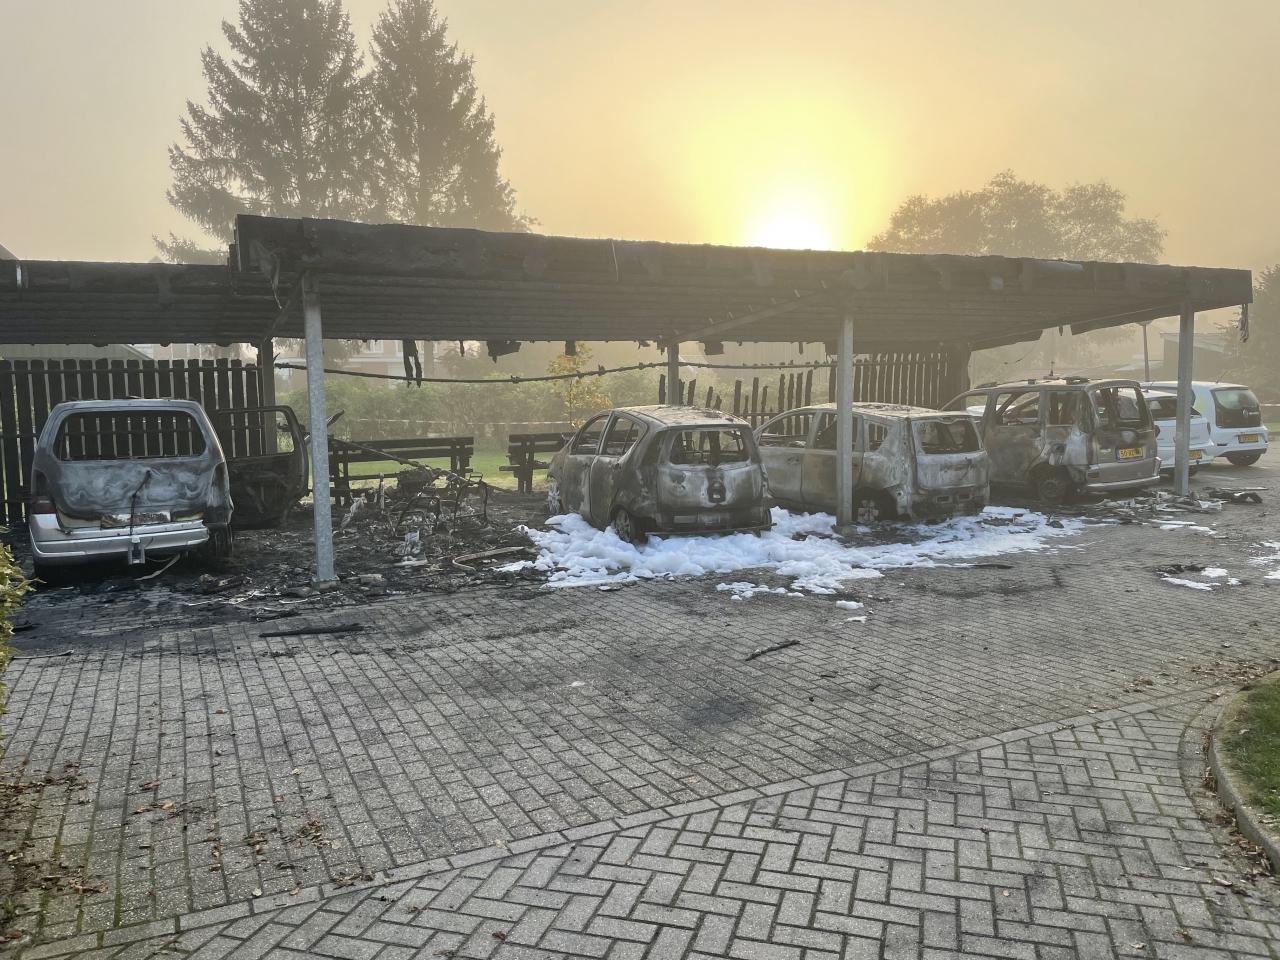 Carport met auto's volledig uitgebrand